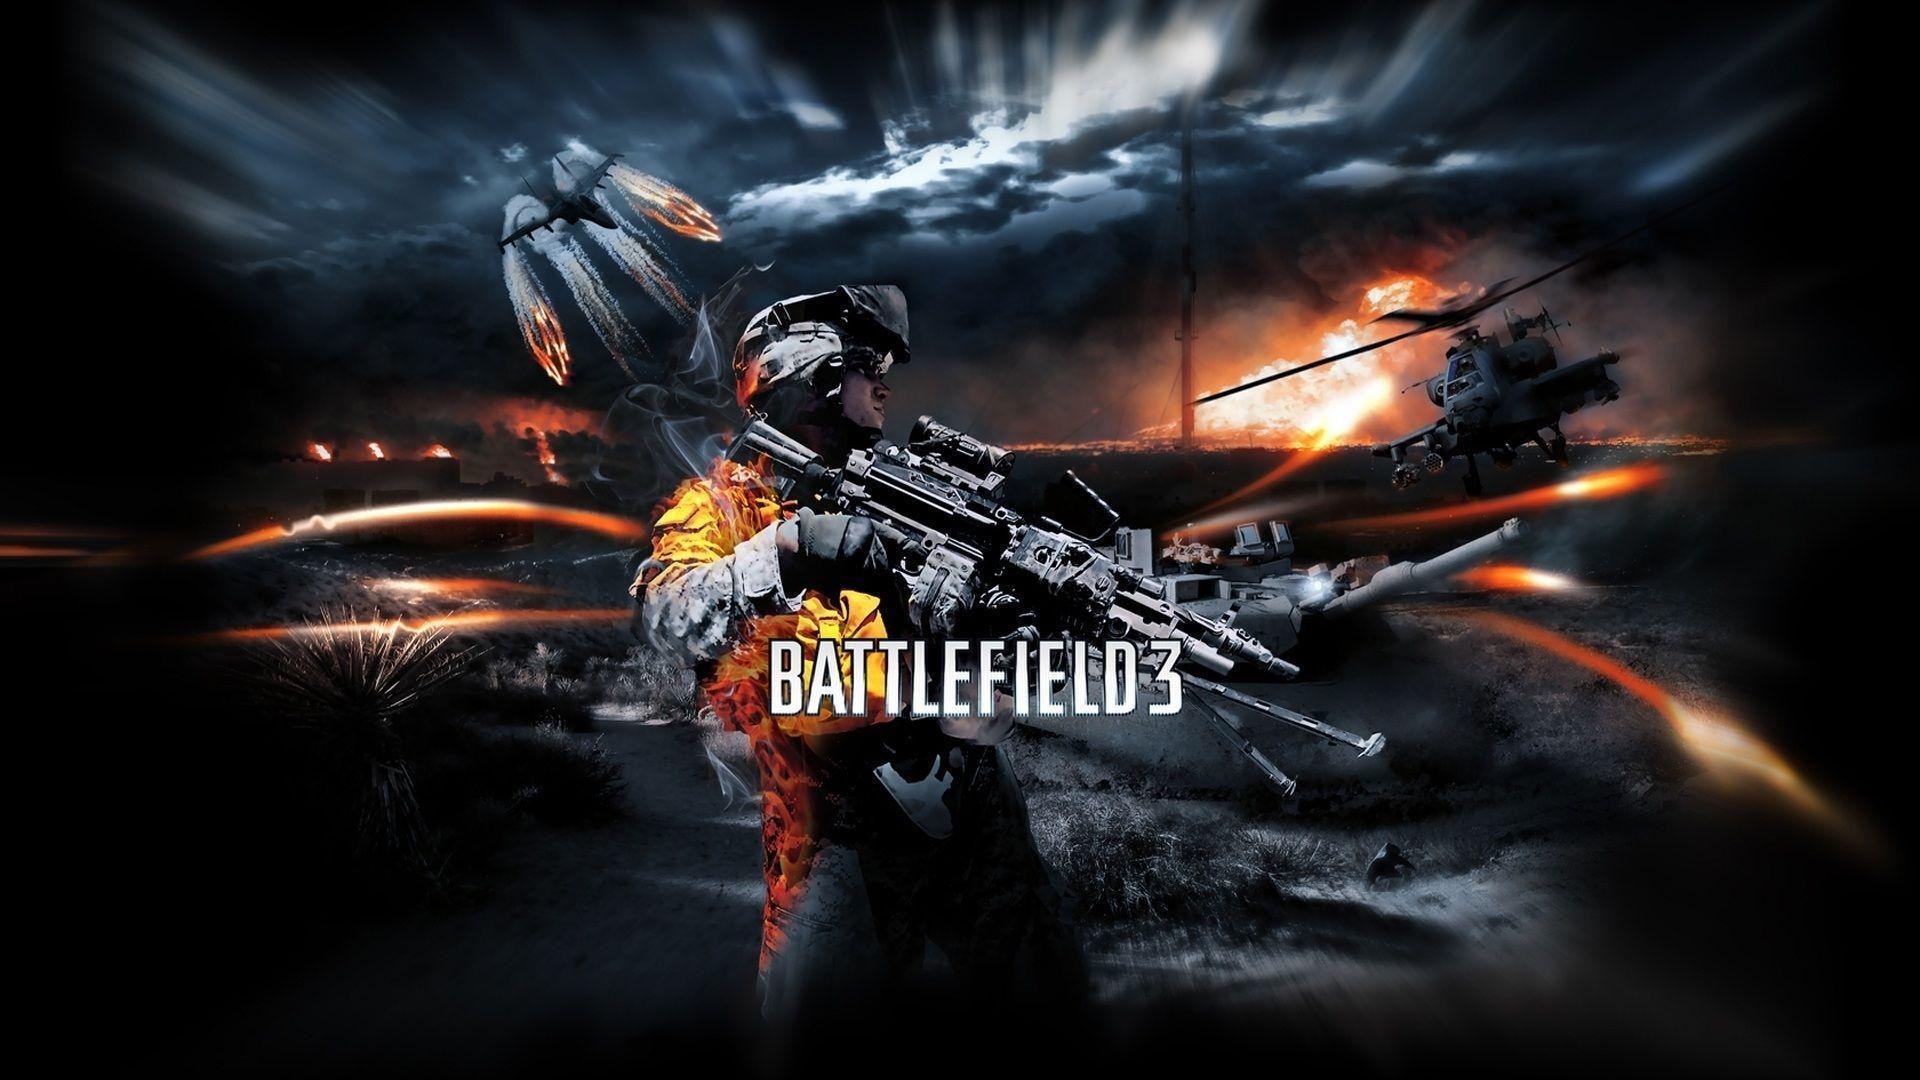 Battlefield 3 wallpapers 1080p wallpaper cave - Battlefield 3 hd wallpaper 1080p ...